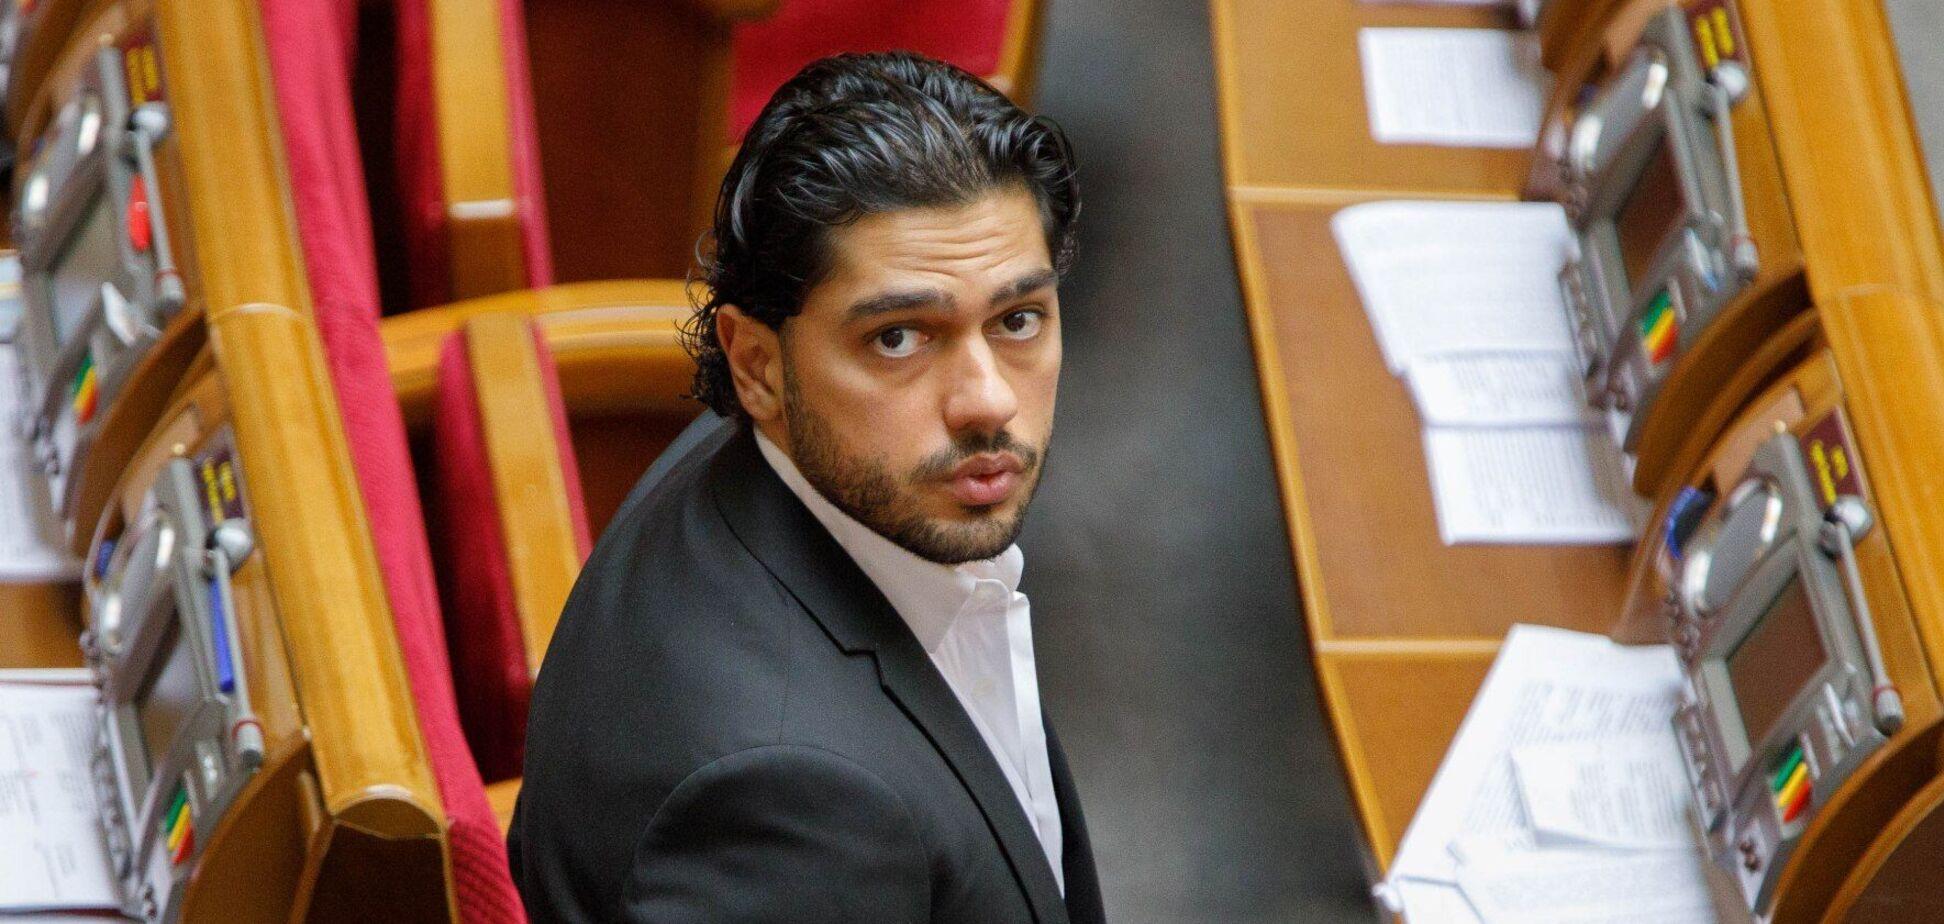 Головні новини за 14 вересня: депутата Гео Лероса підозрюють в інсценуванні підпалу власного авто